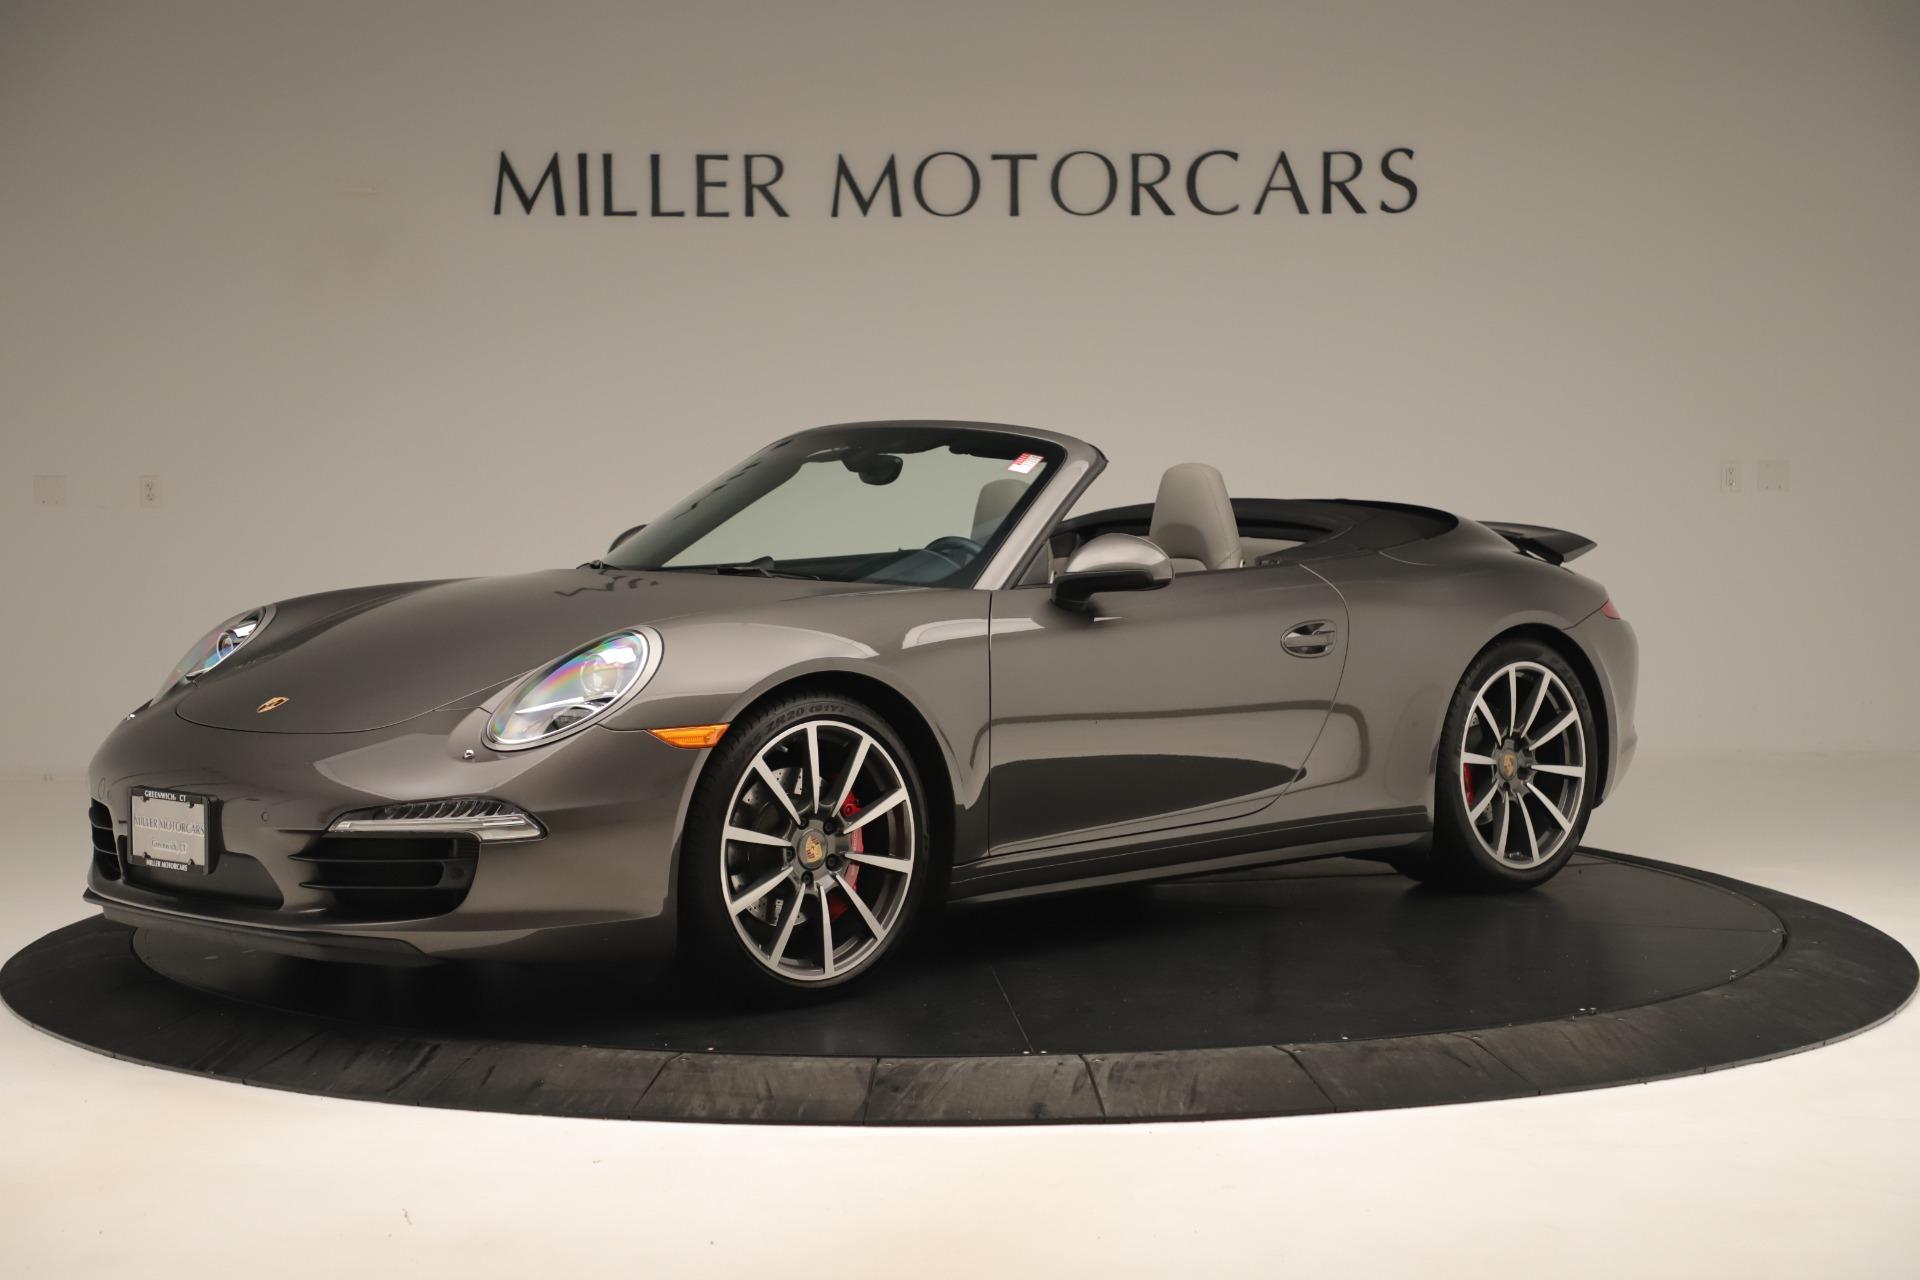 Used 2015 Porsche 911 Carrera 4S For Sale In Greenwich, CT 3383_p2